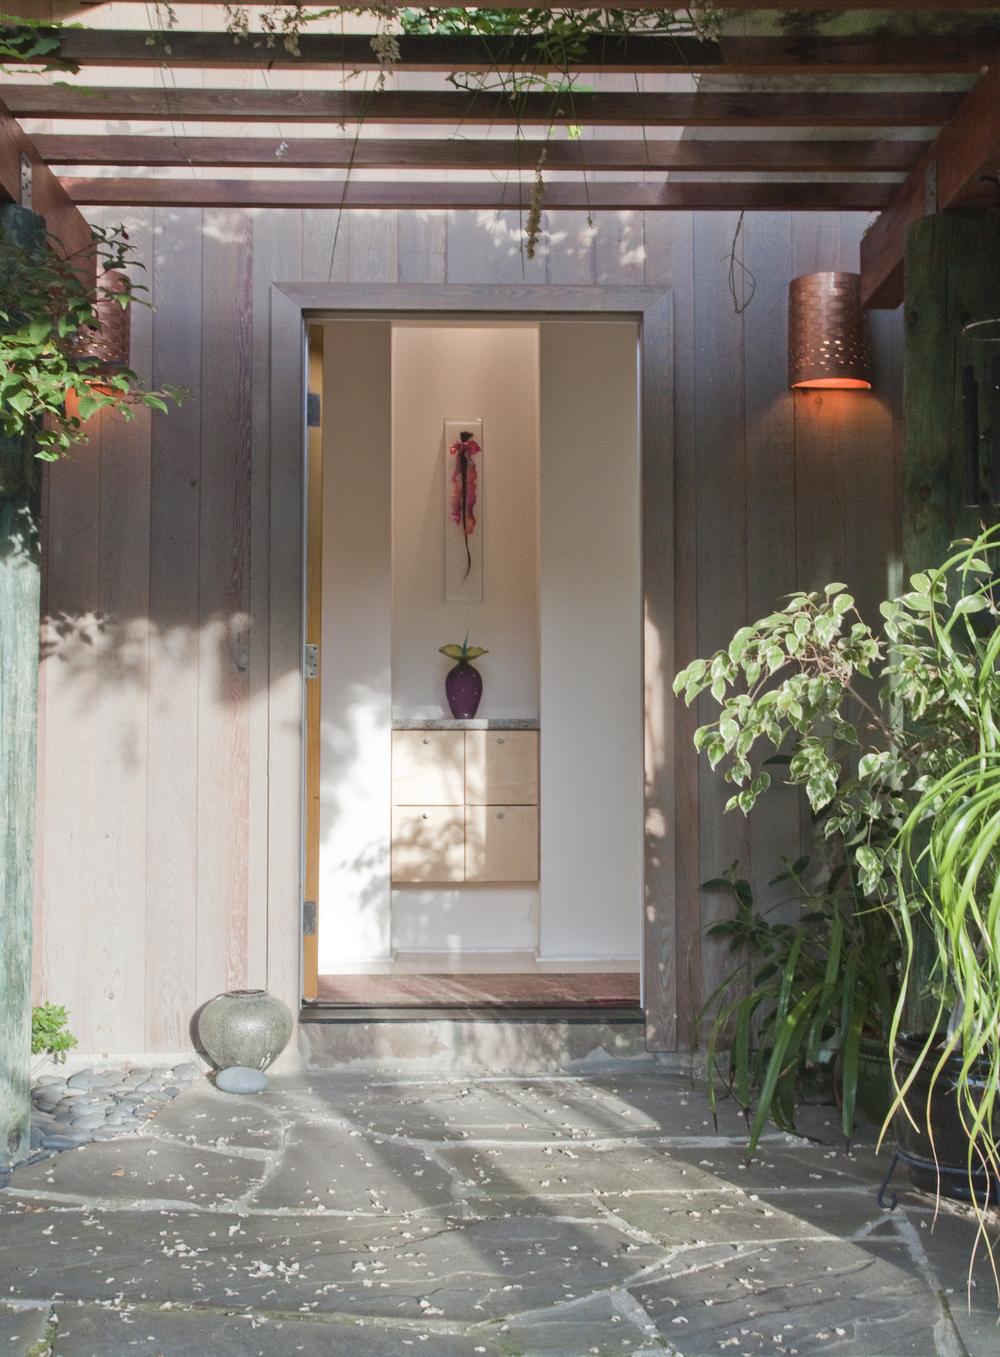 Buller-Lee Residence, Lafayette, CA